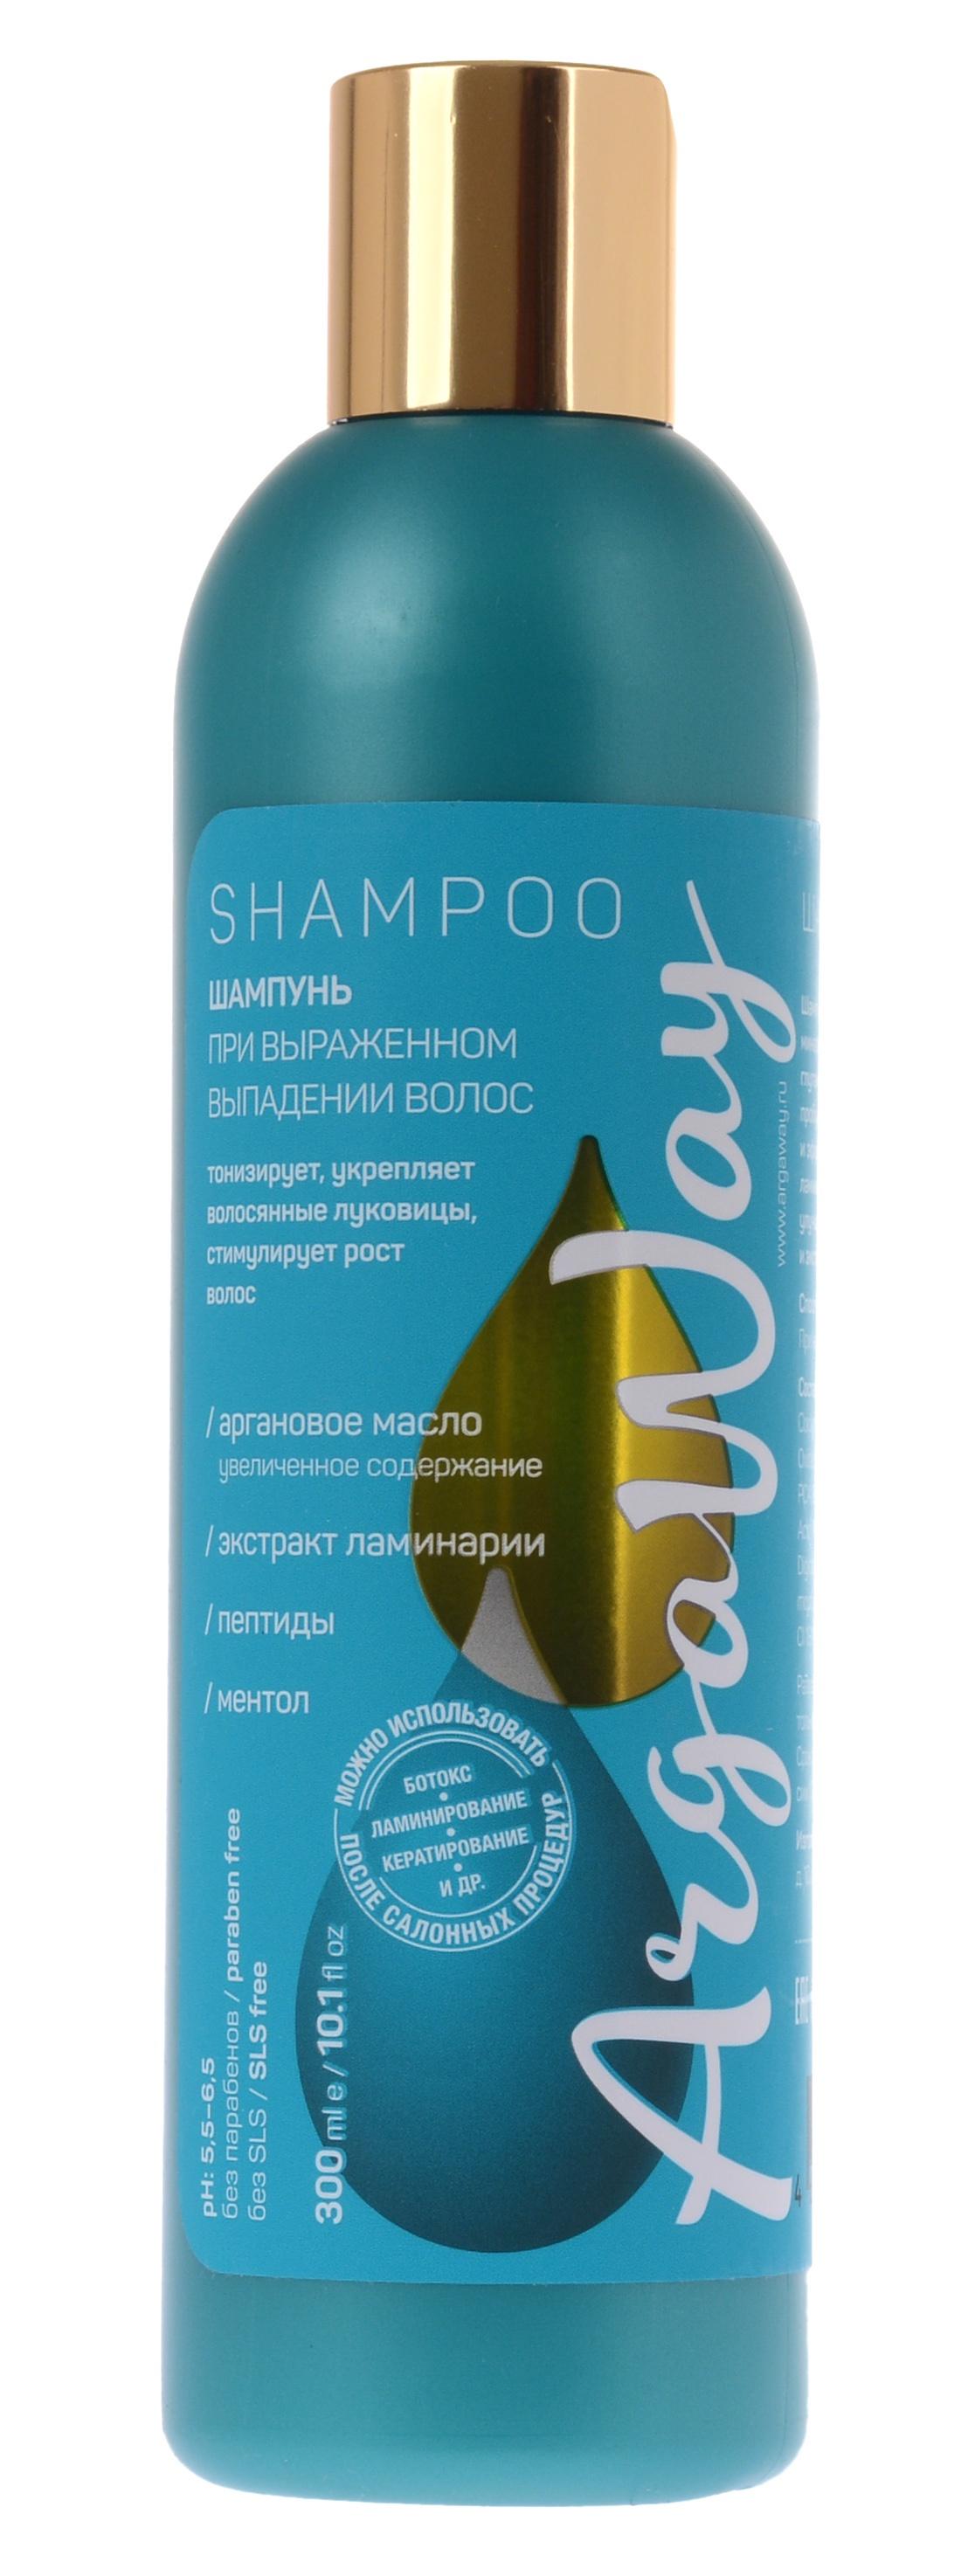 Шампунь для волос Argaway от выпадения с аргановым маслом, экстрактом ламинарии, пептидами и ментолом 300 мл шампунь для волос argaway косметика 330